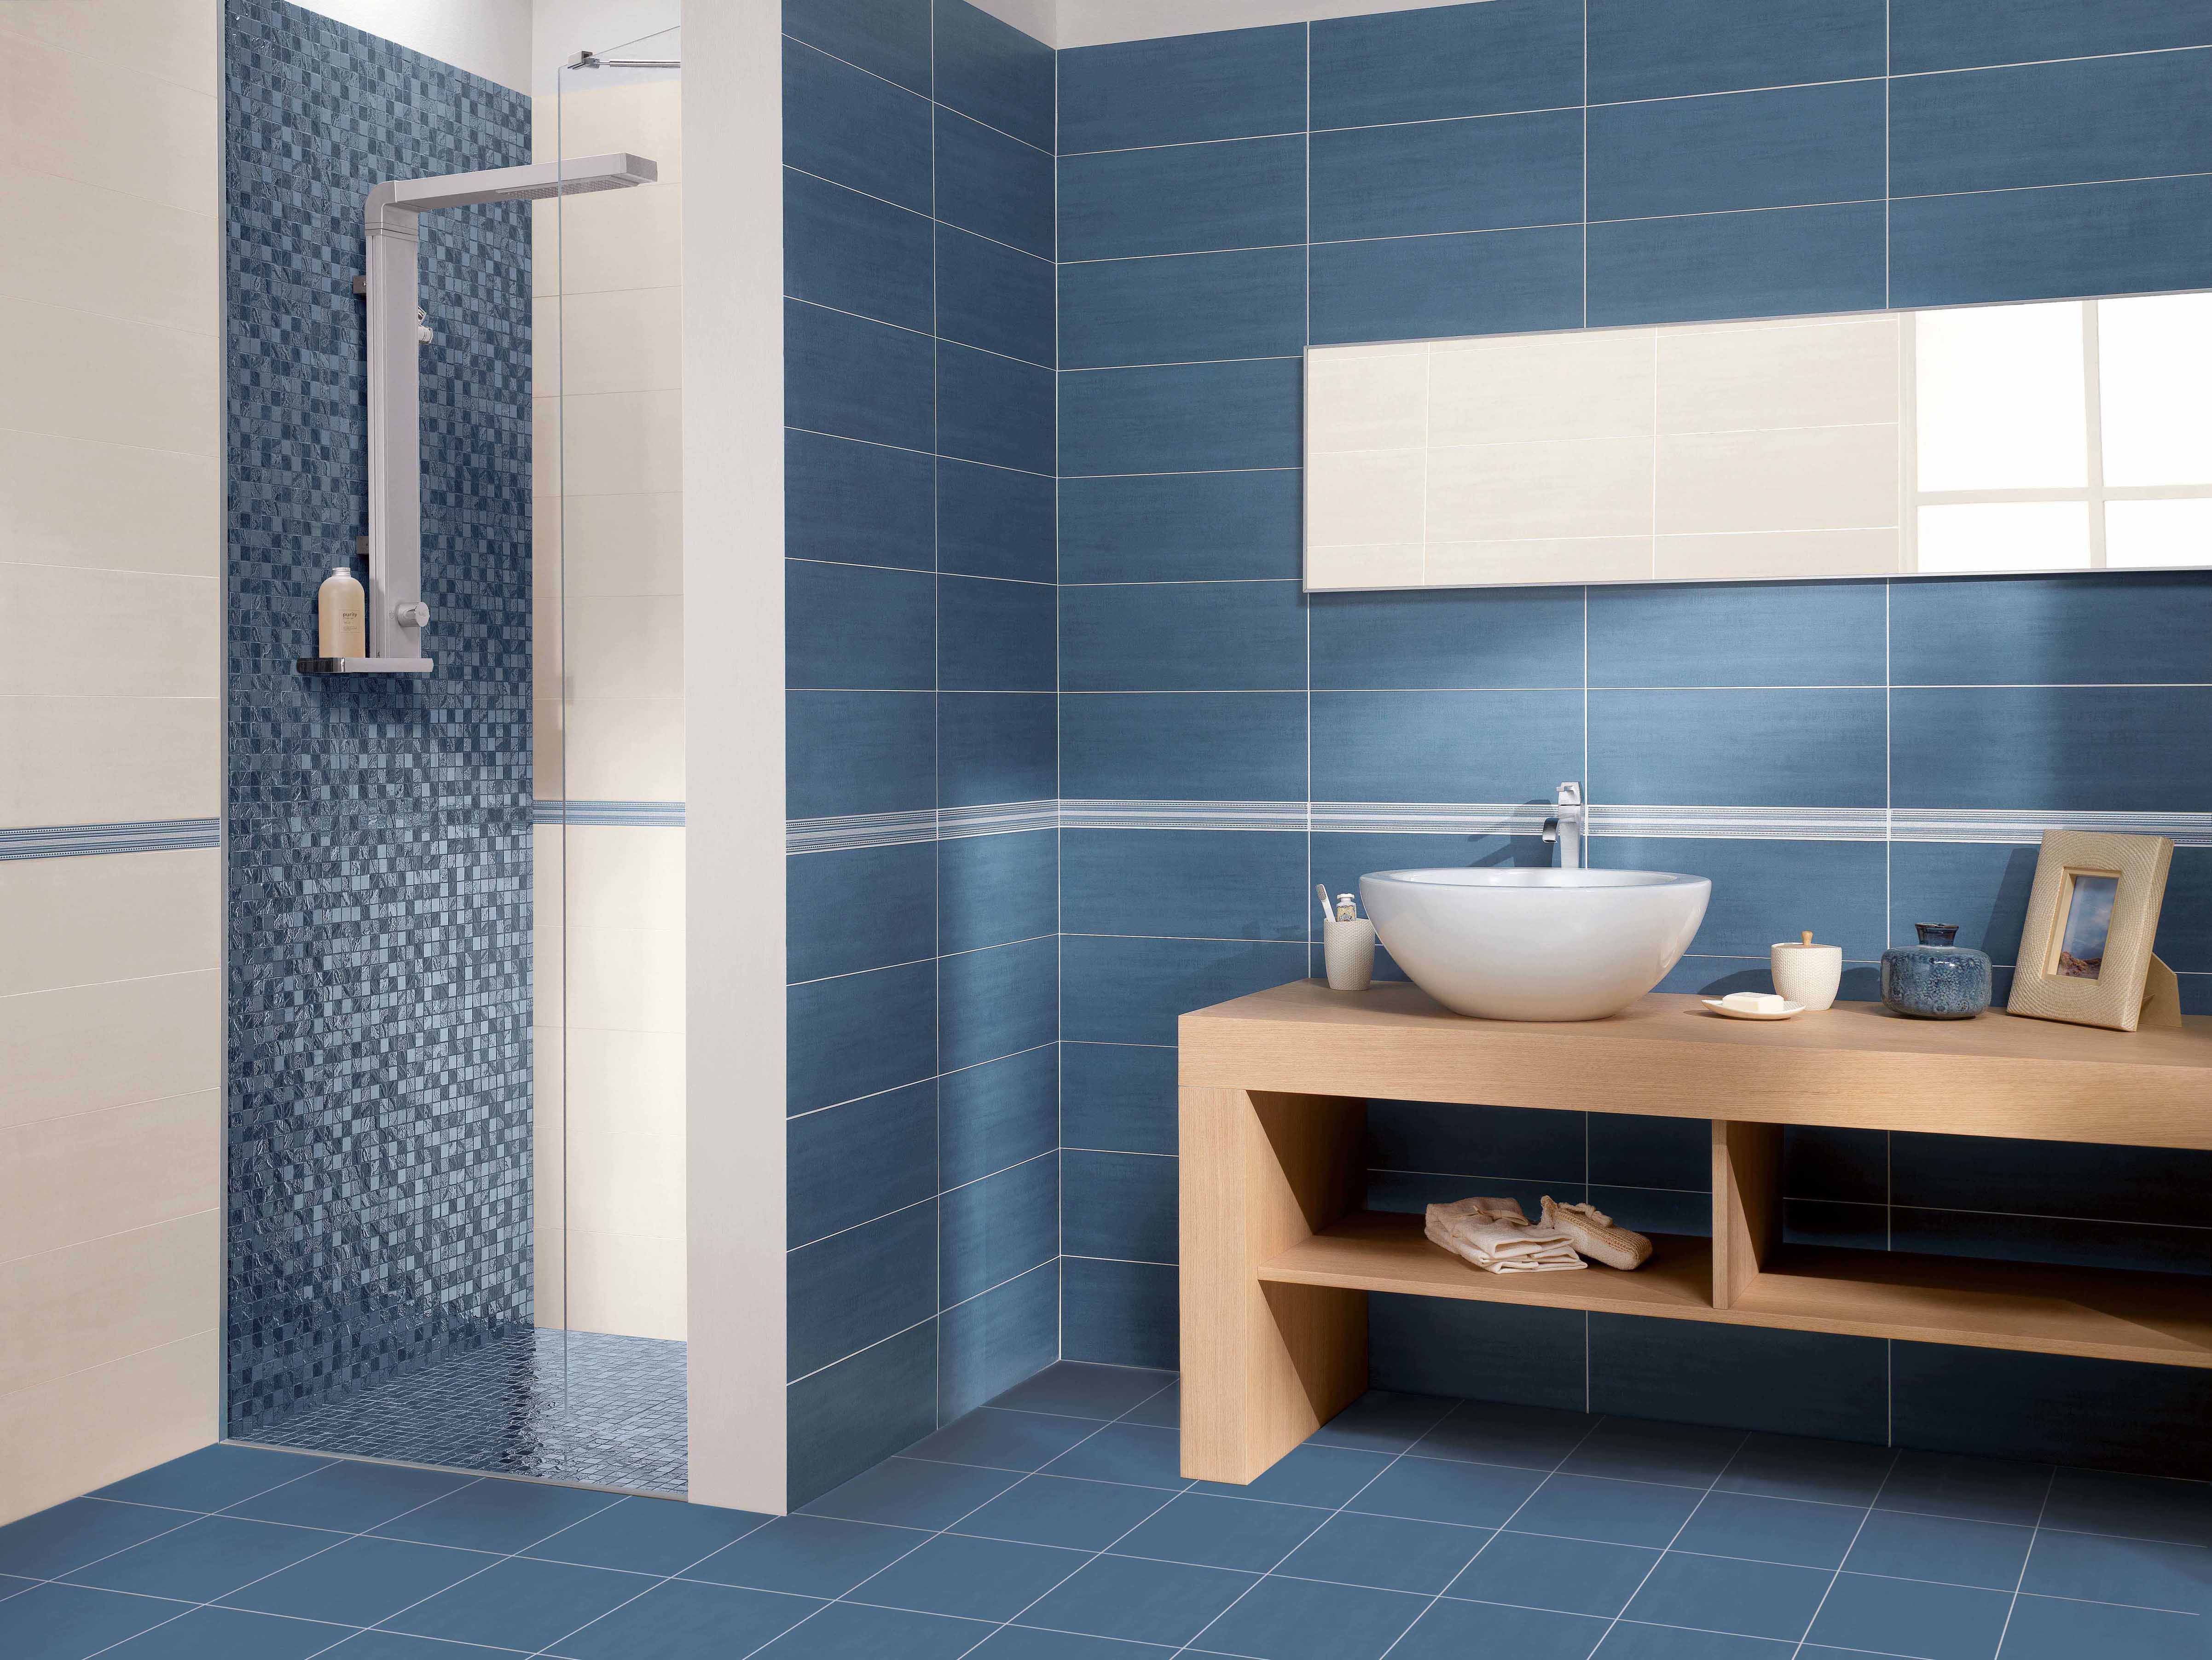 Rivestimento bagno realizzato con il colore Blue della nostra collezione Full http://www.supergres.com/your-home/rivestimenti/item/65-full  #Bathroom #RivestimentoBagni #WallTiles #CeramisOfItaly